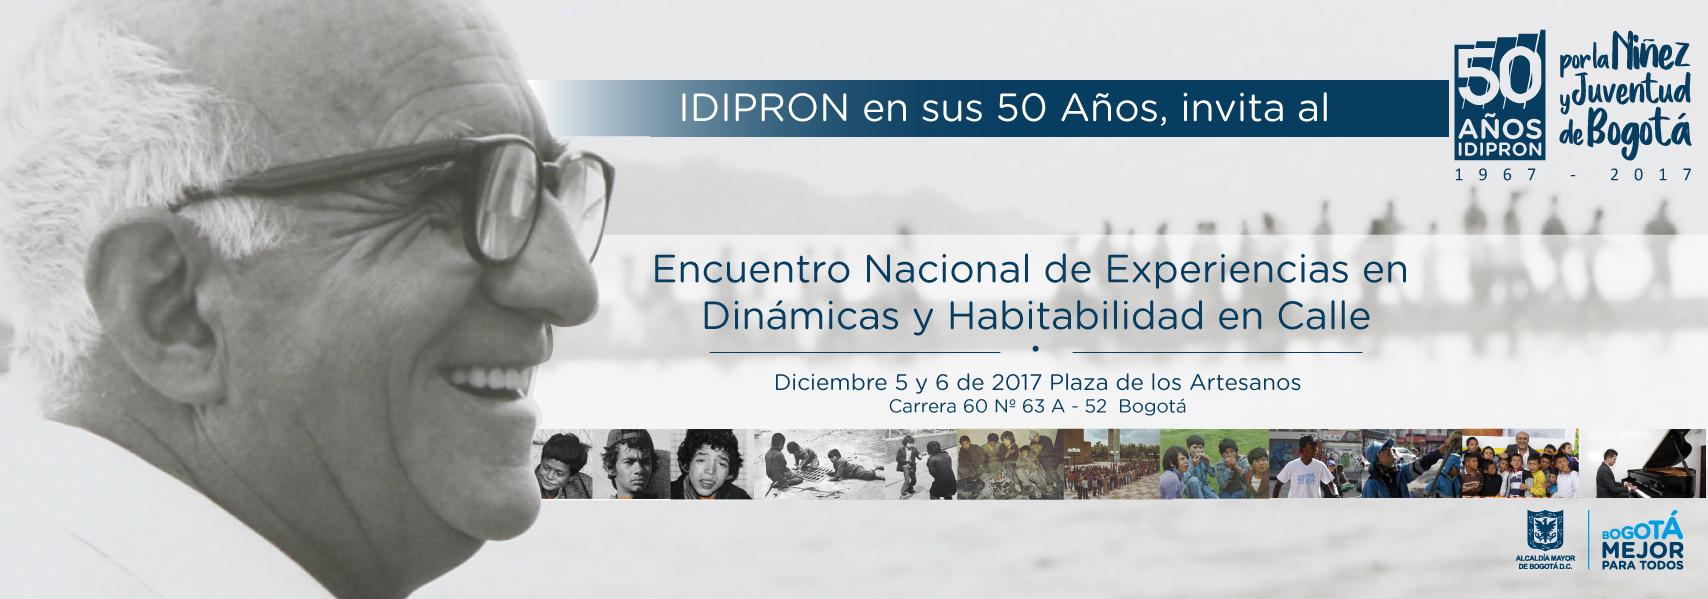 Imágen del padre Javier de Nicoló en celebración 50 años IDIPRON